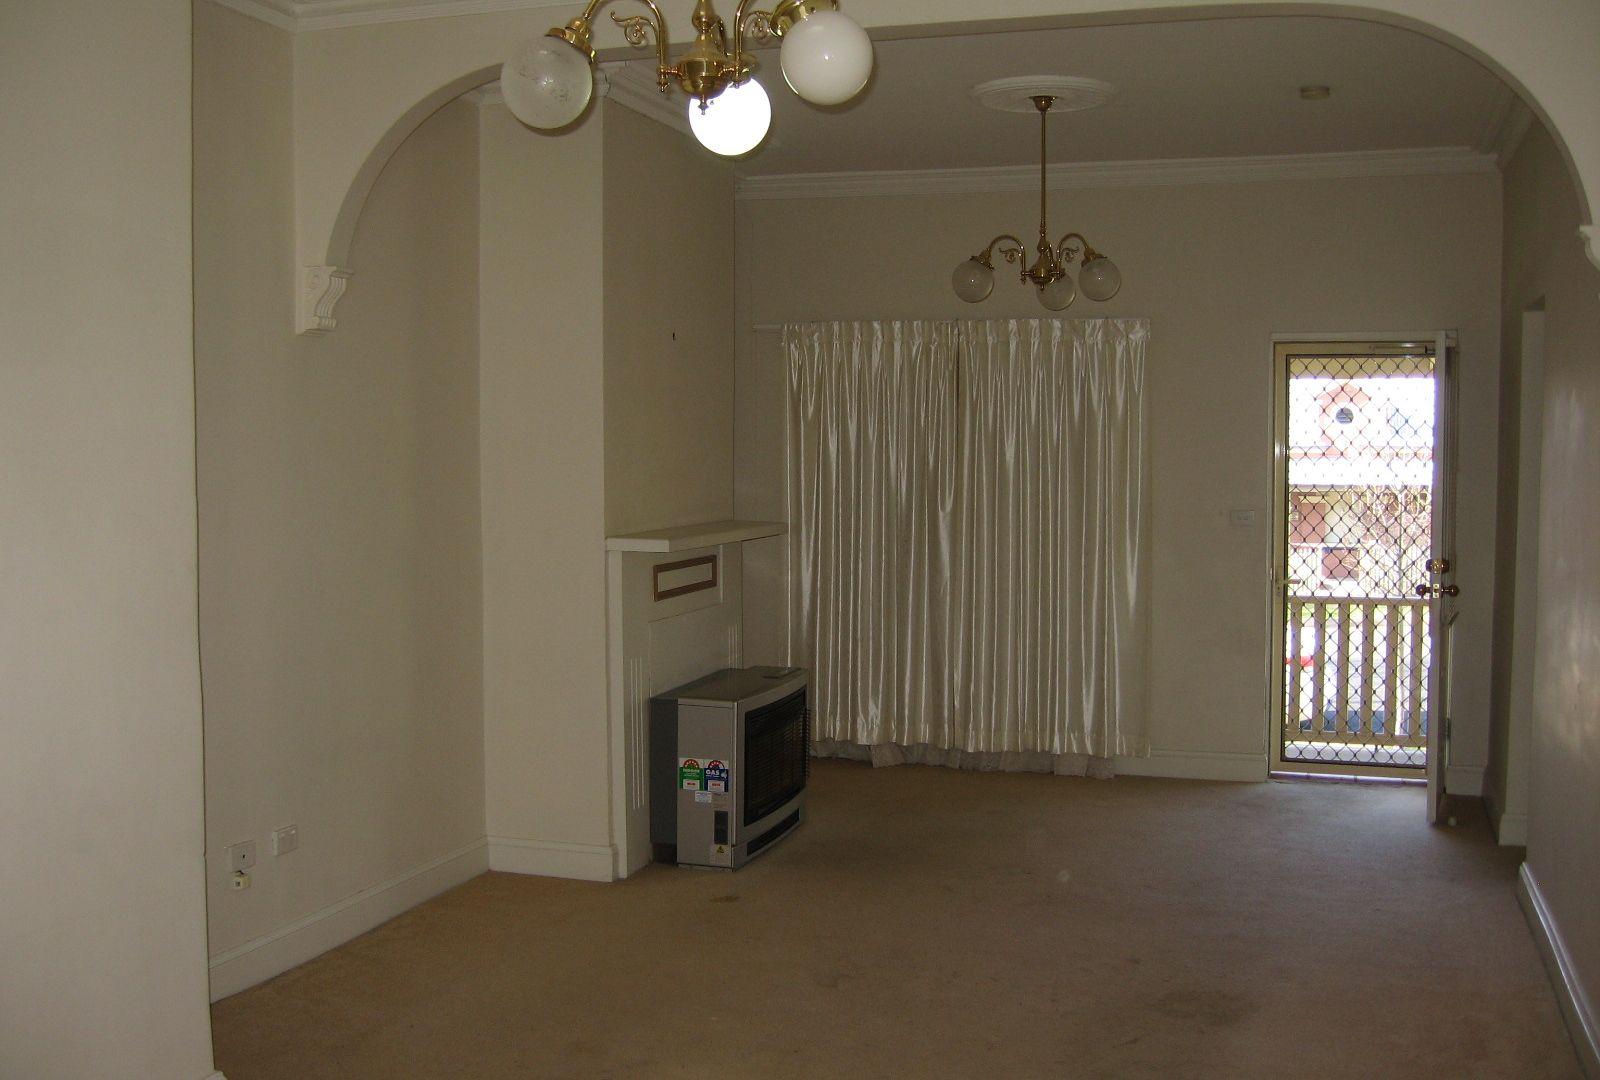 201 Peel St, Bathurst NSW 2795, Image 1